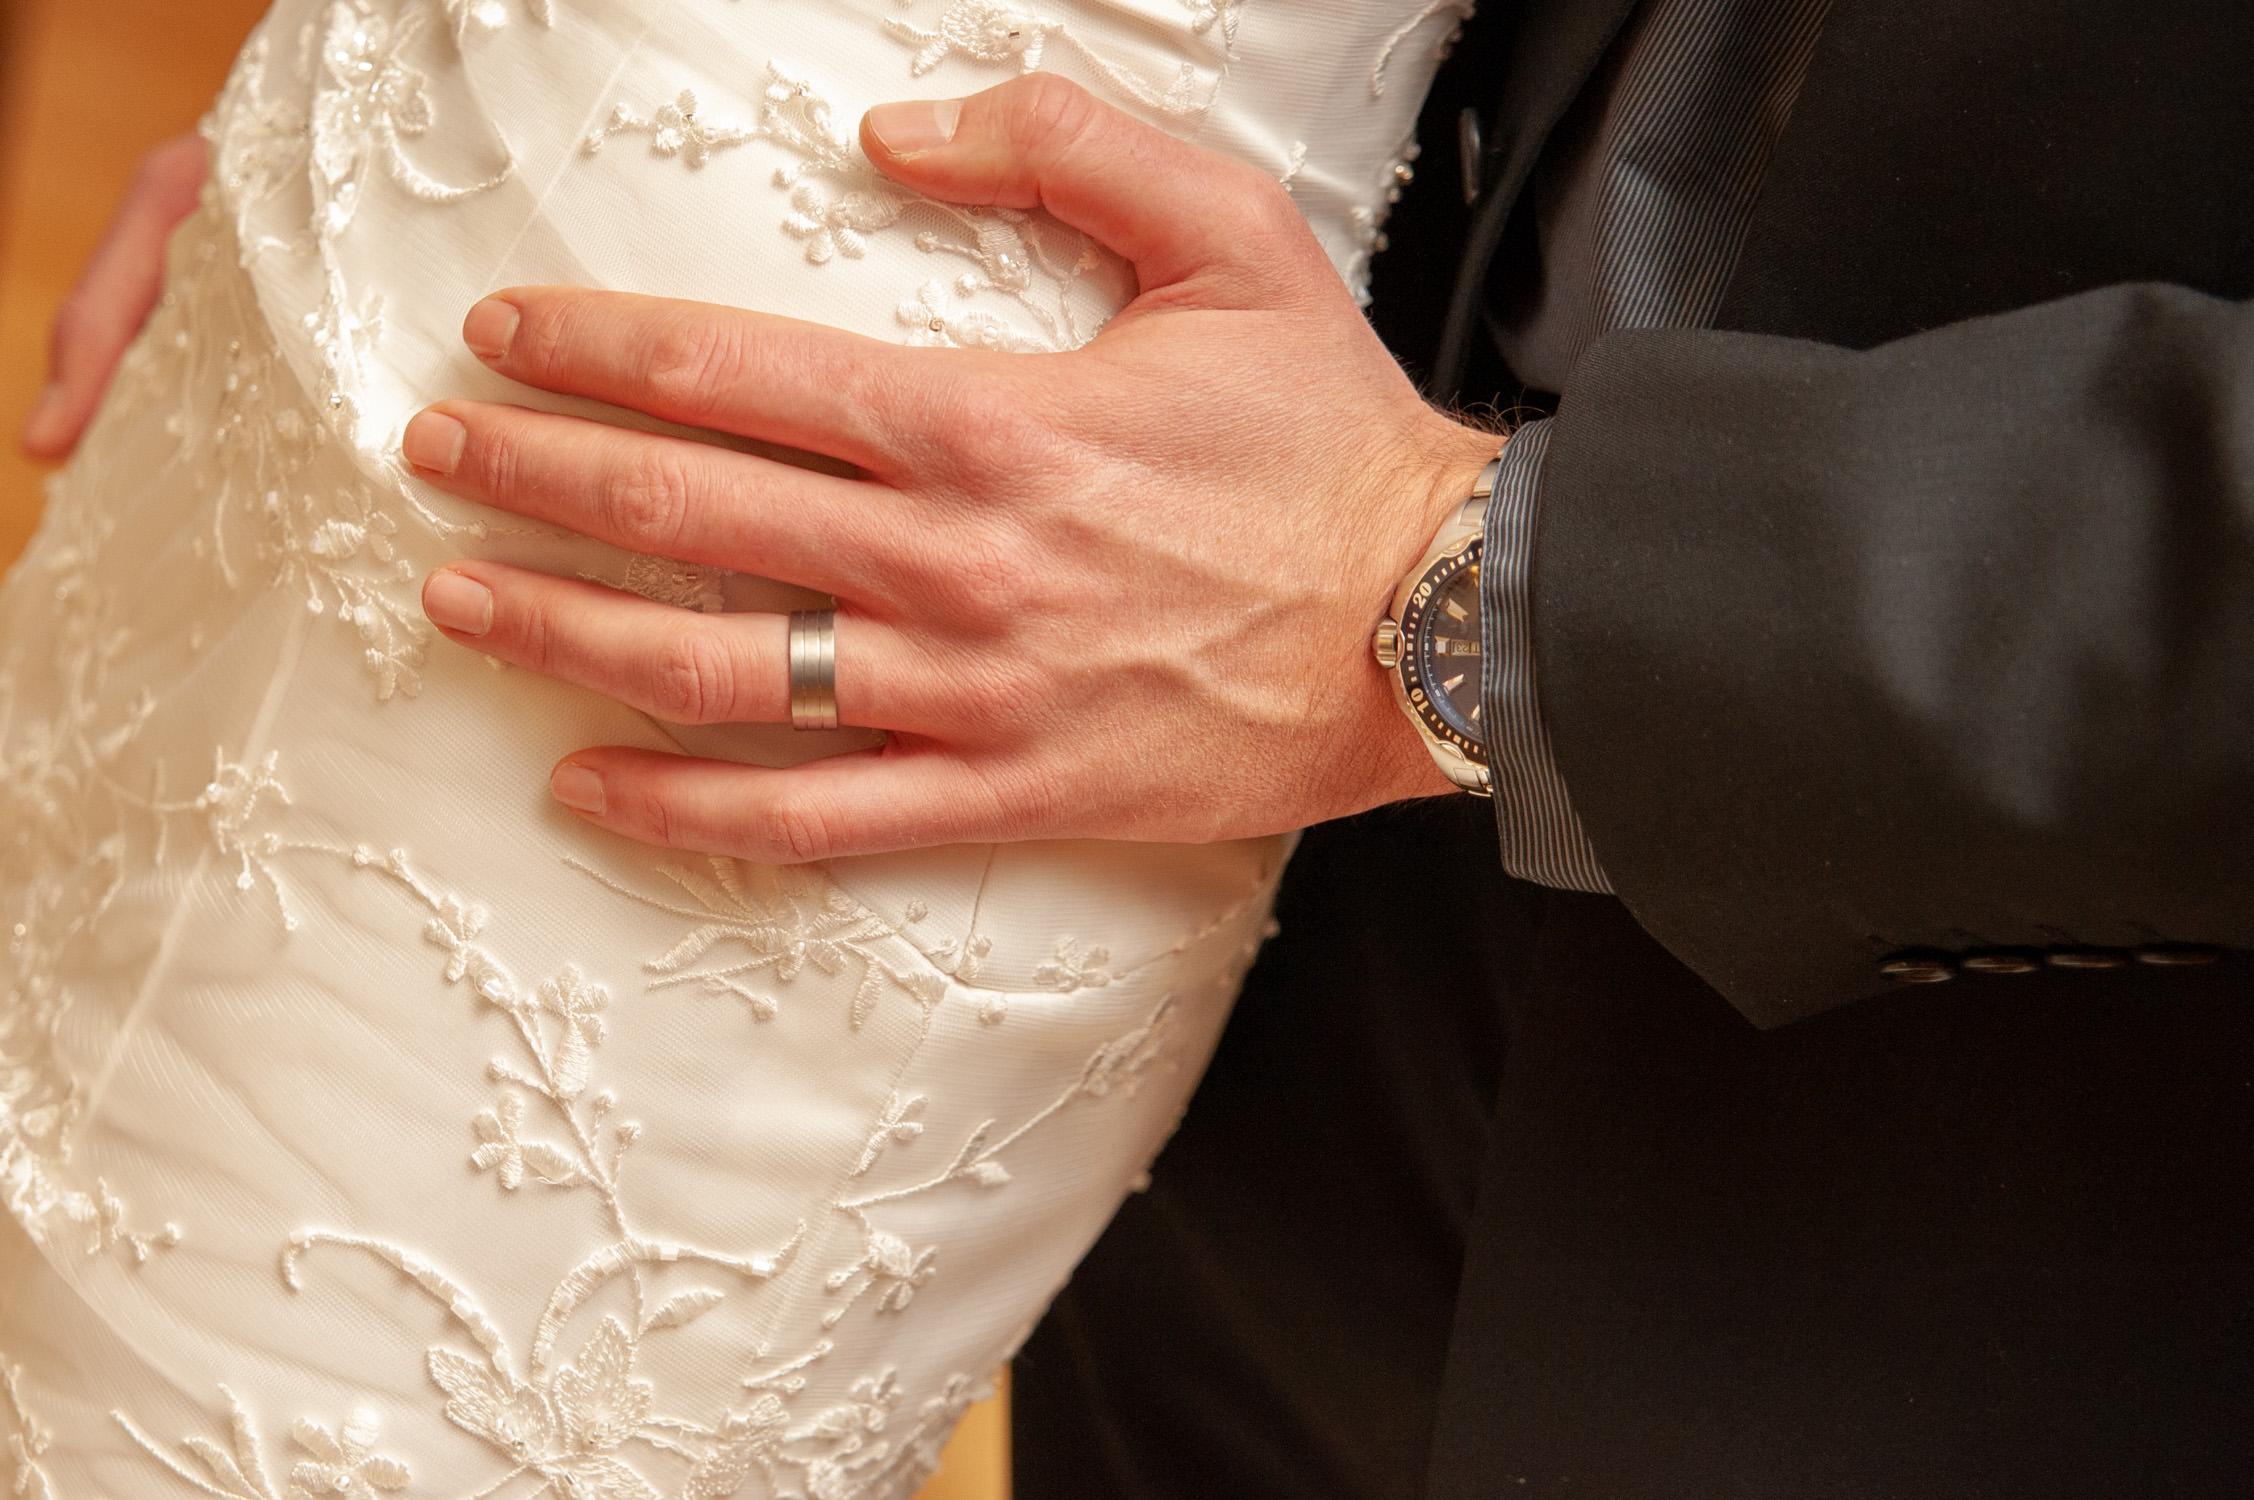 grooms hand on brides waist